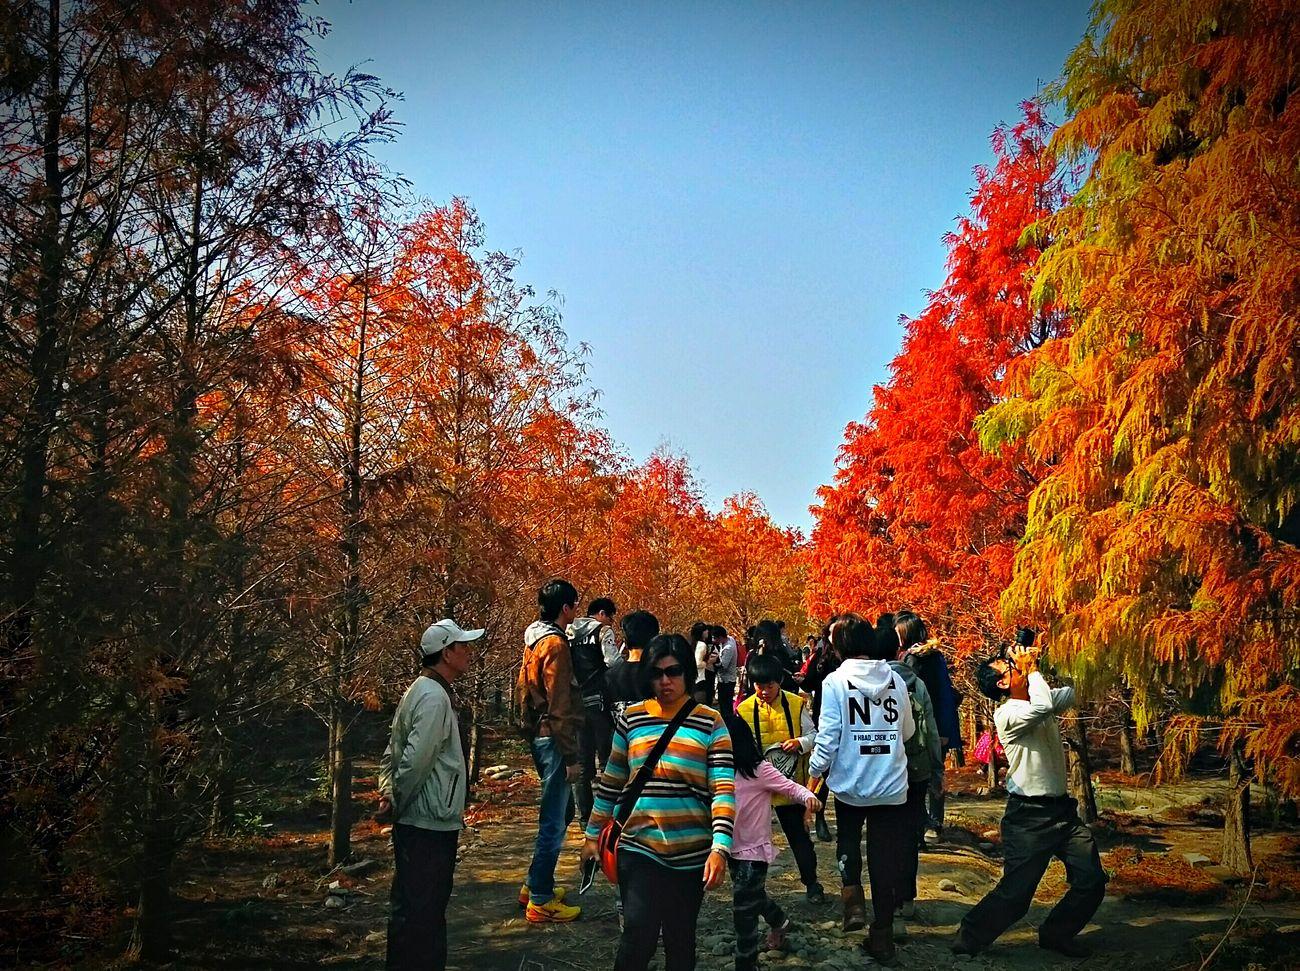 旁邊大哥拍照的姿勢好投入 @@ Nexus 5 Taichung, Taiwan Photographer Devotion